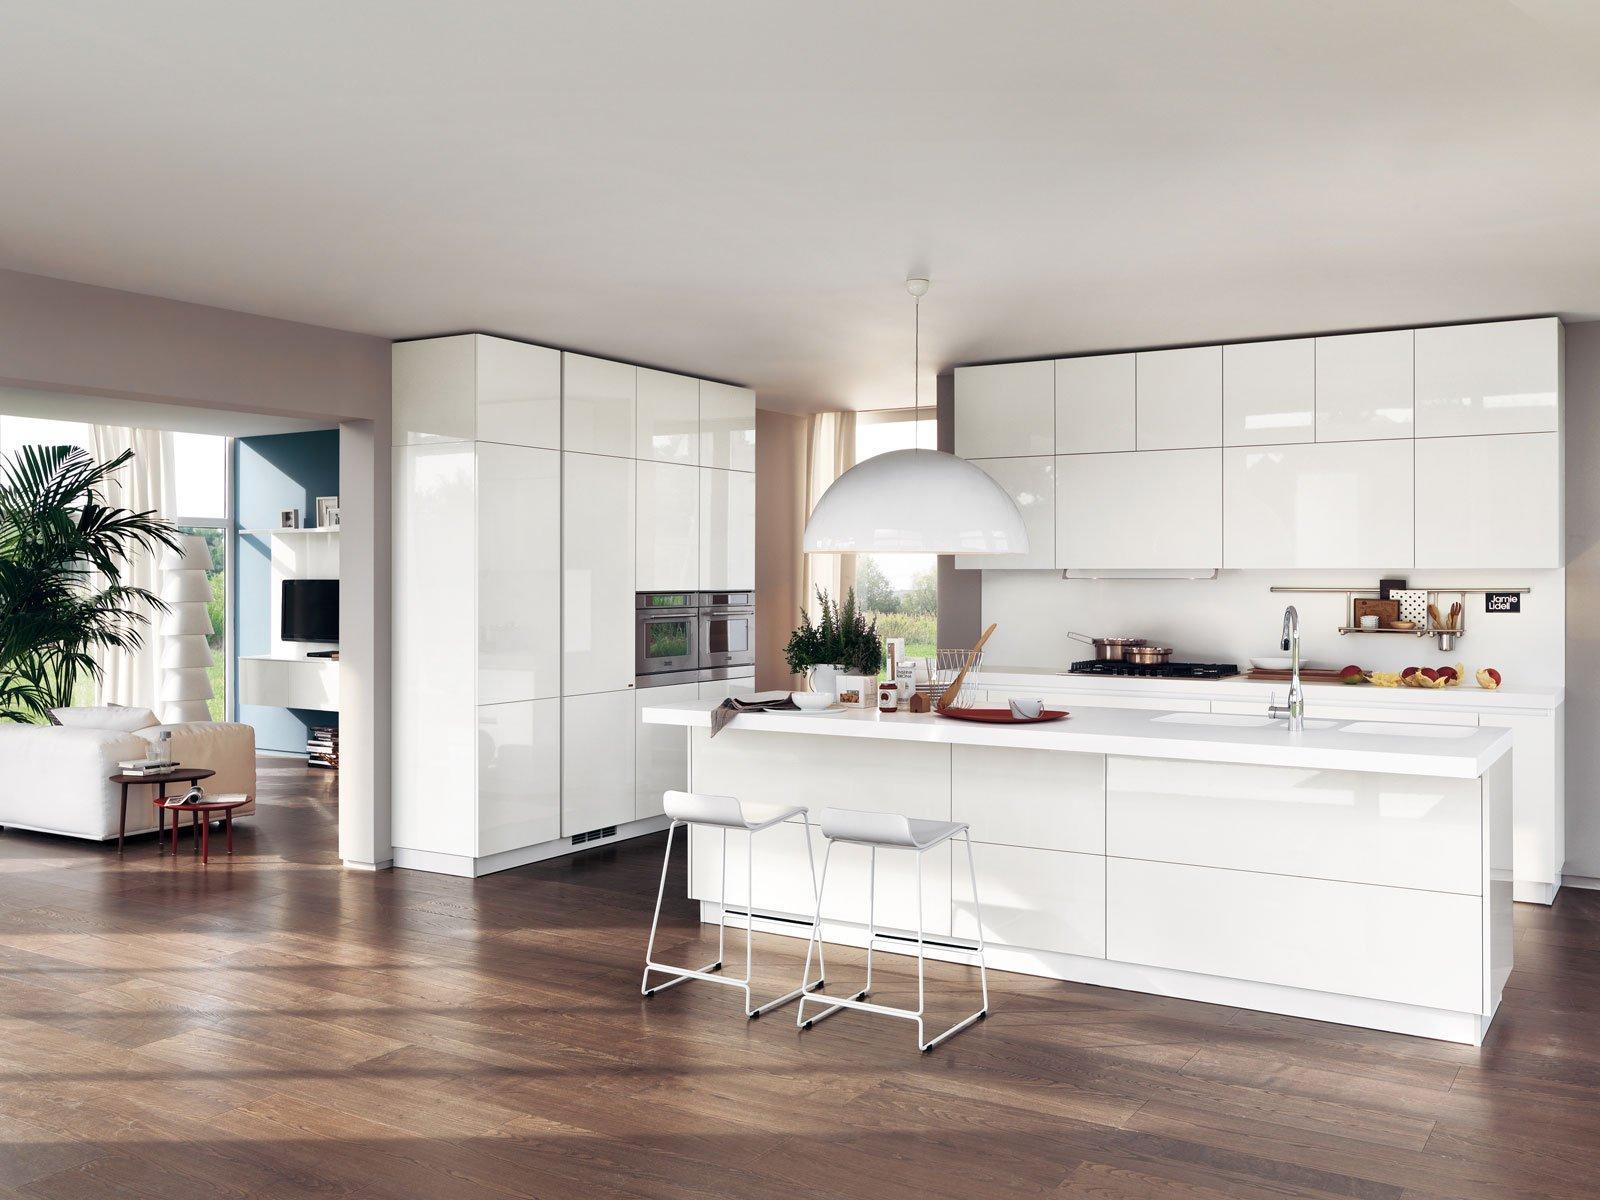 Cucina Moderna Bianca Laccata cucina bianca: il fascino eterno della luminosità - cose di casa